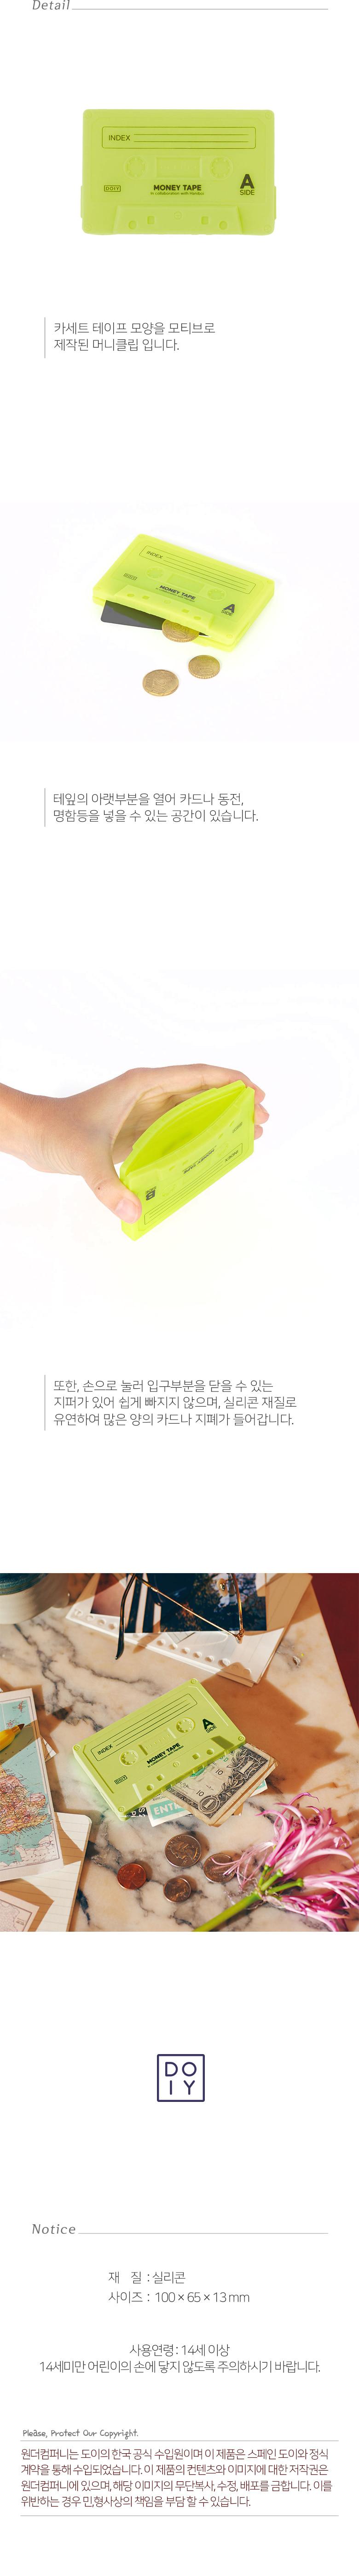 [도이] 휴대용 동전지갑 미니 파우치 카세트 옐로우 - 원더스토어, 18,000원, 동전/카드지갑, 동전지갑